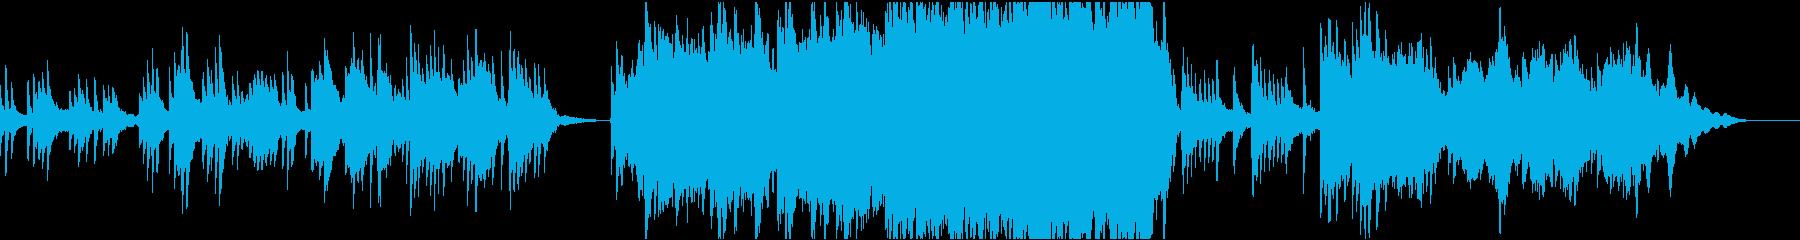 [劇伴] ピアノ曲 切ない別れのシーンにの再生済みの波形